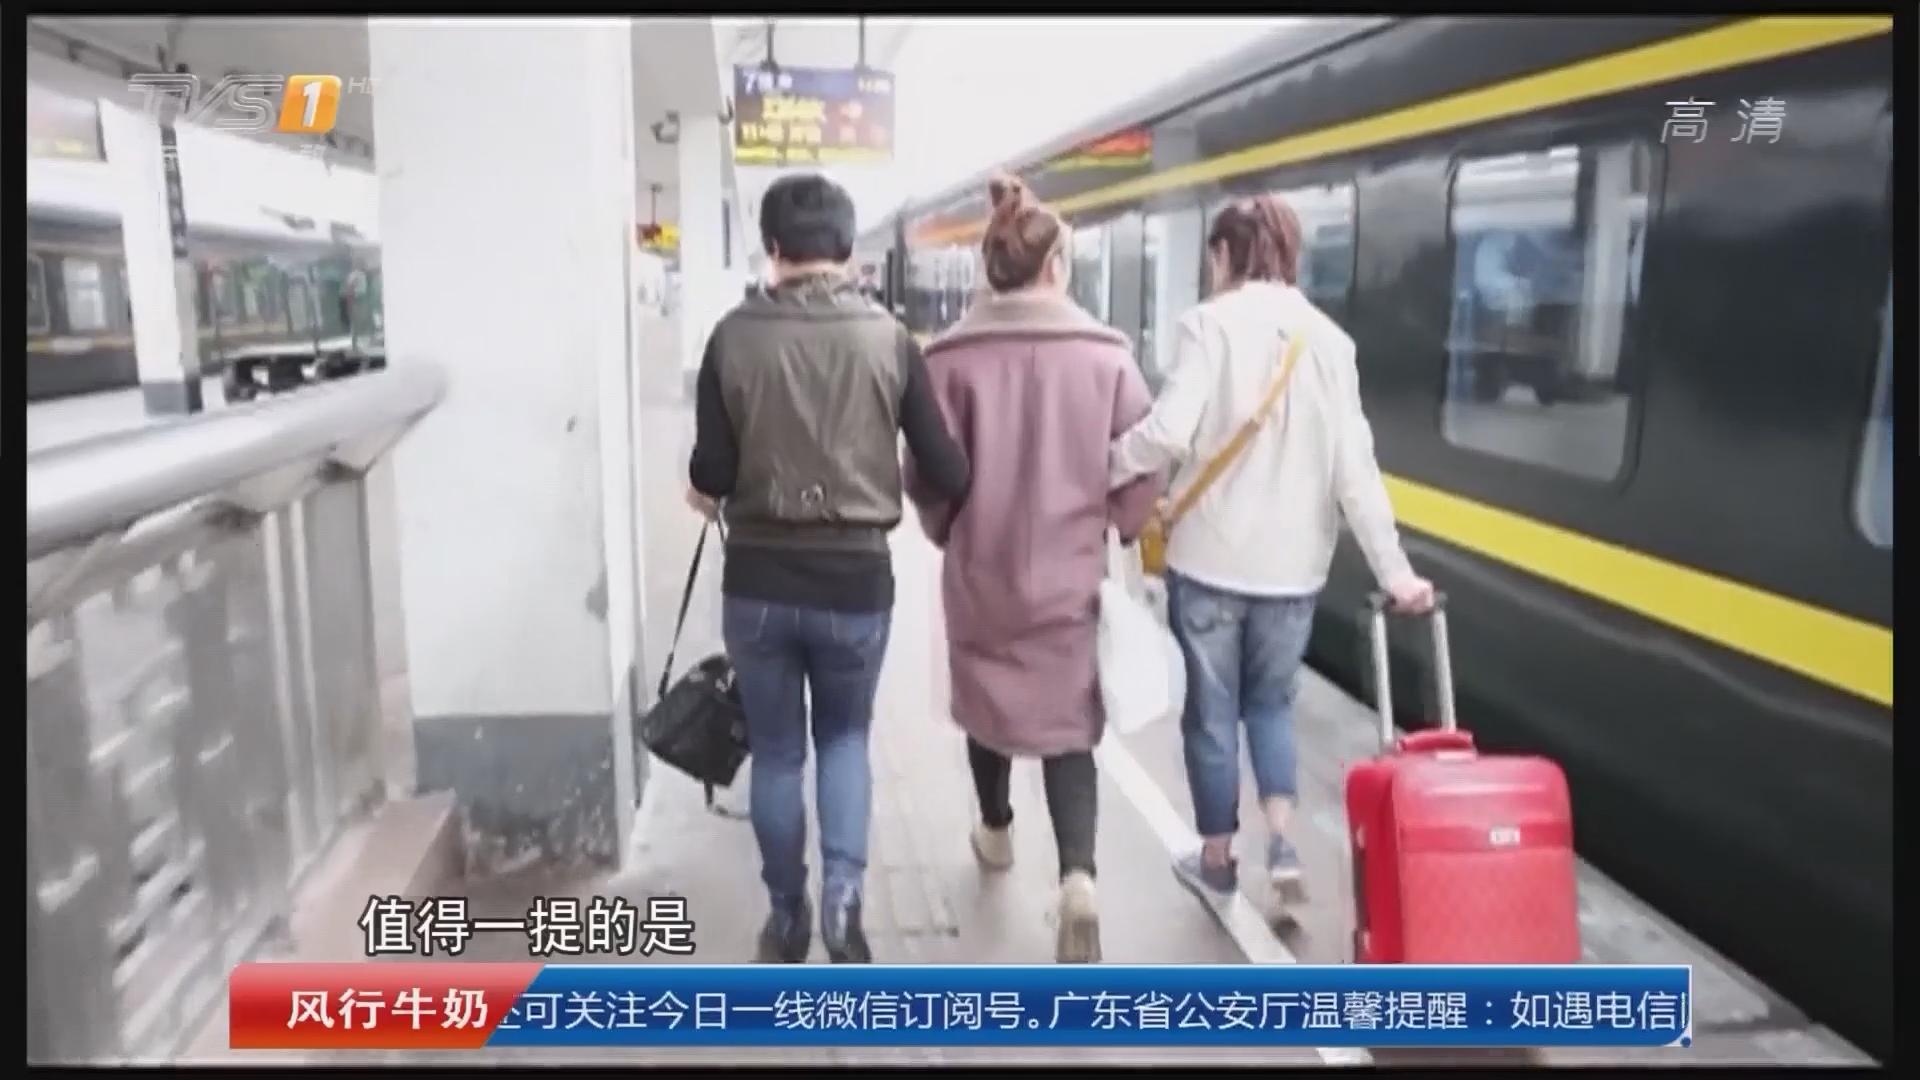 广州:广铁女警花 火车站抓捕疑犯